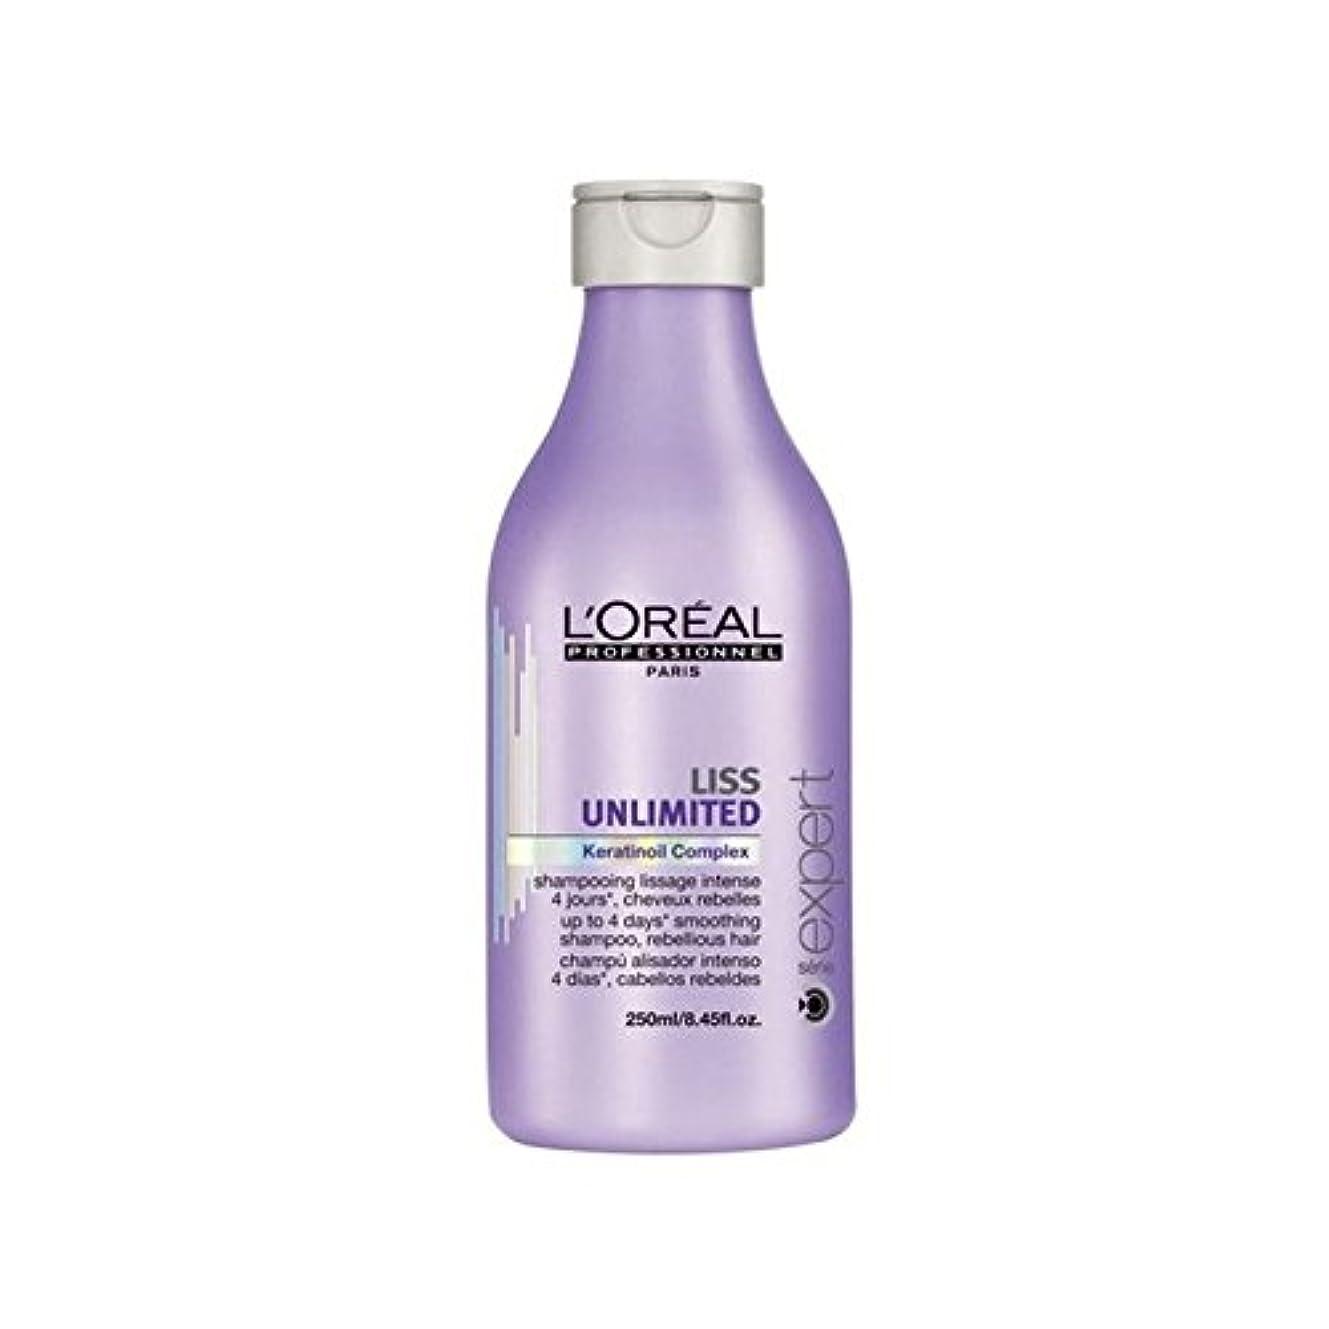 必要ない翻訳リーズL'Oreal Professionnel Serie Expert Liss Unlimited Shampoo (250ml) - ロレアルプロフェッショナルセリエ専門家無制限のシャンプー(250ミリリットル) [並行輸入品]